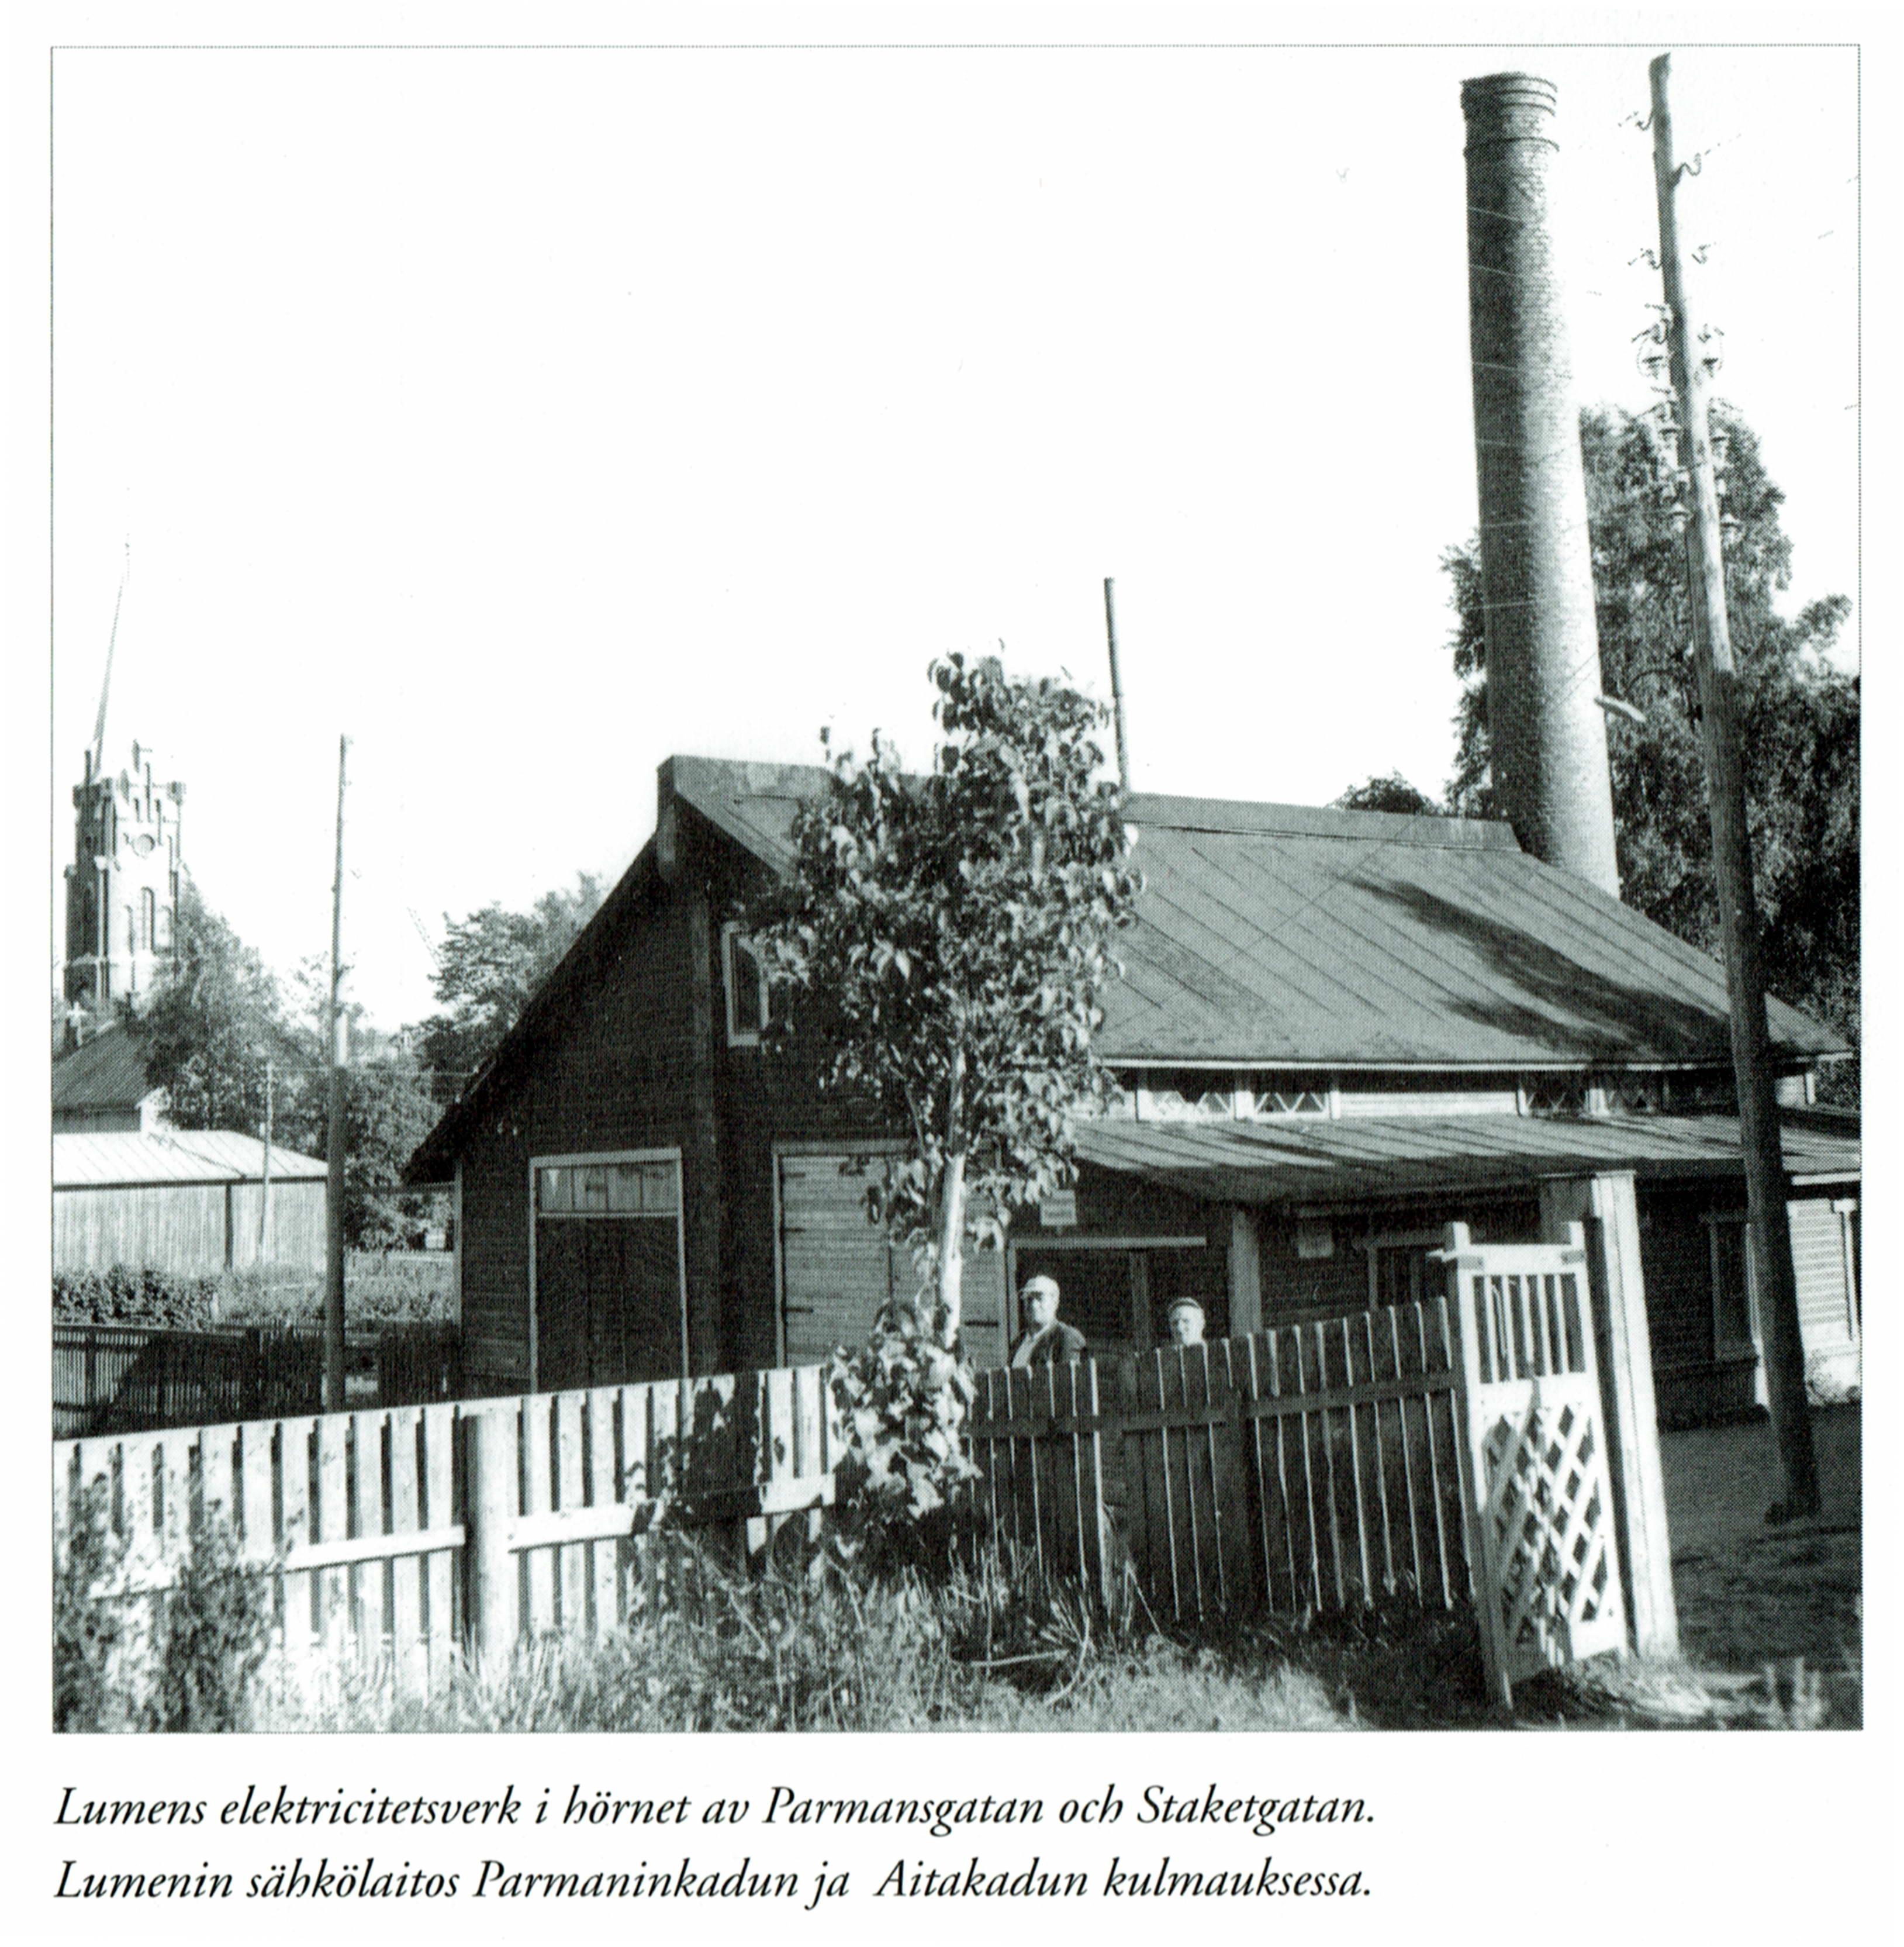 Så här såg Lumens elektricitetsverk ut på 1960-talet, där det stod i hörnet av Parmansgatan och Staketgatan. Kristinestads nya kyrka syns i bakgrunden. Fotot ur Kristinestad Sparbanks jubileumsbok.